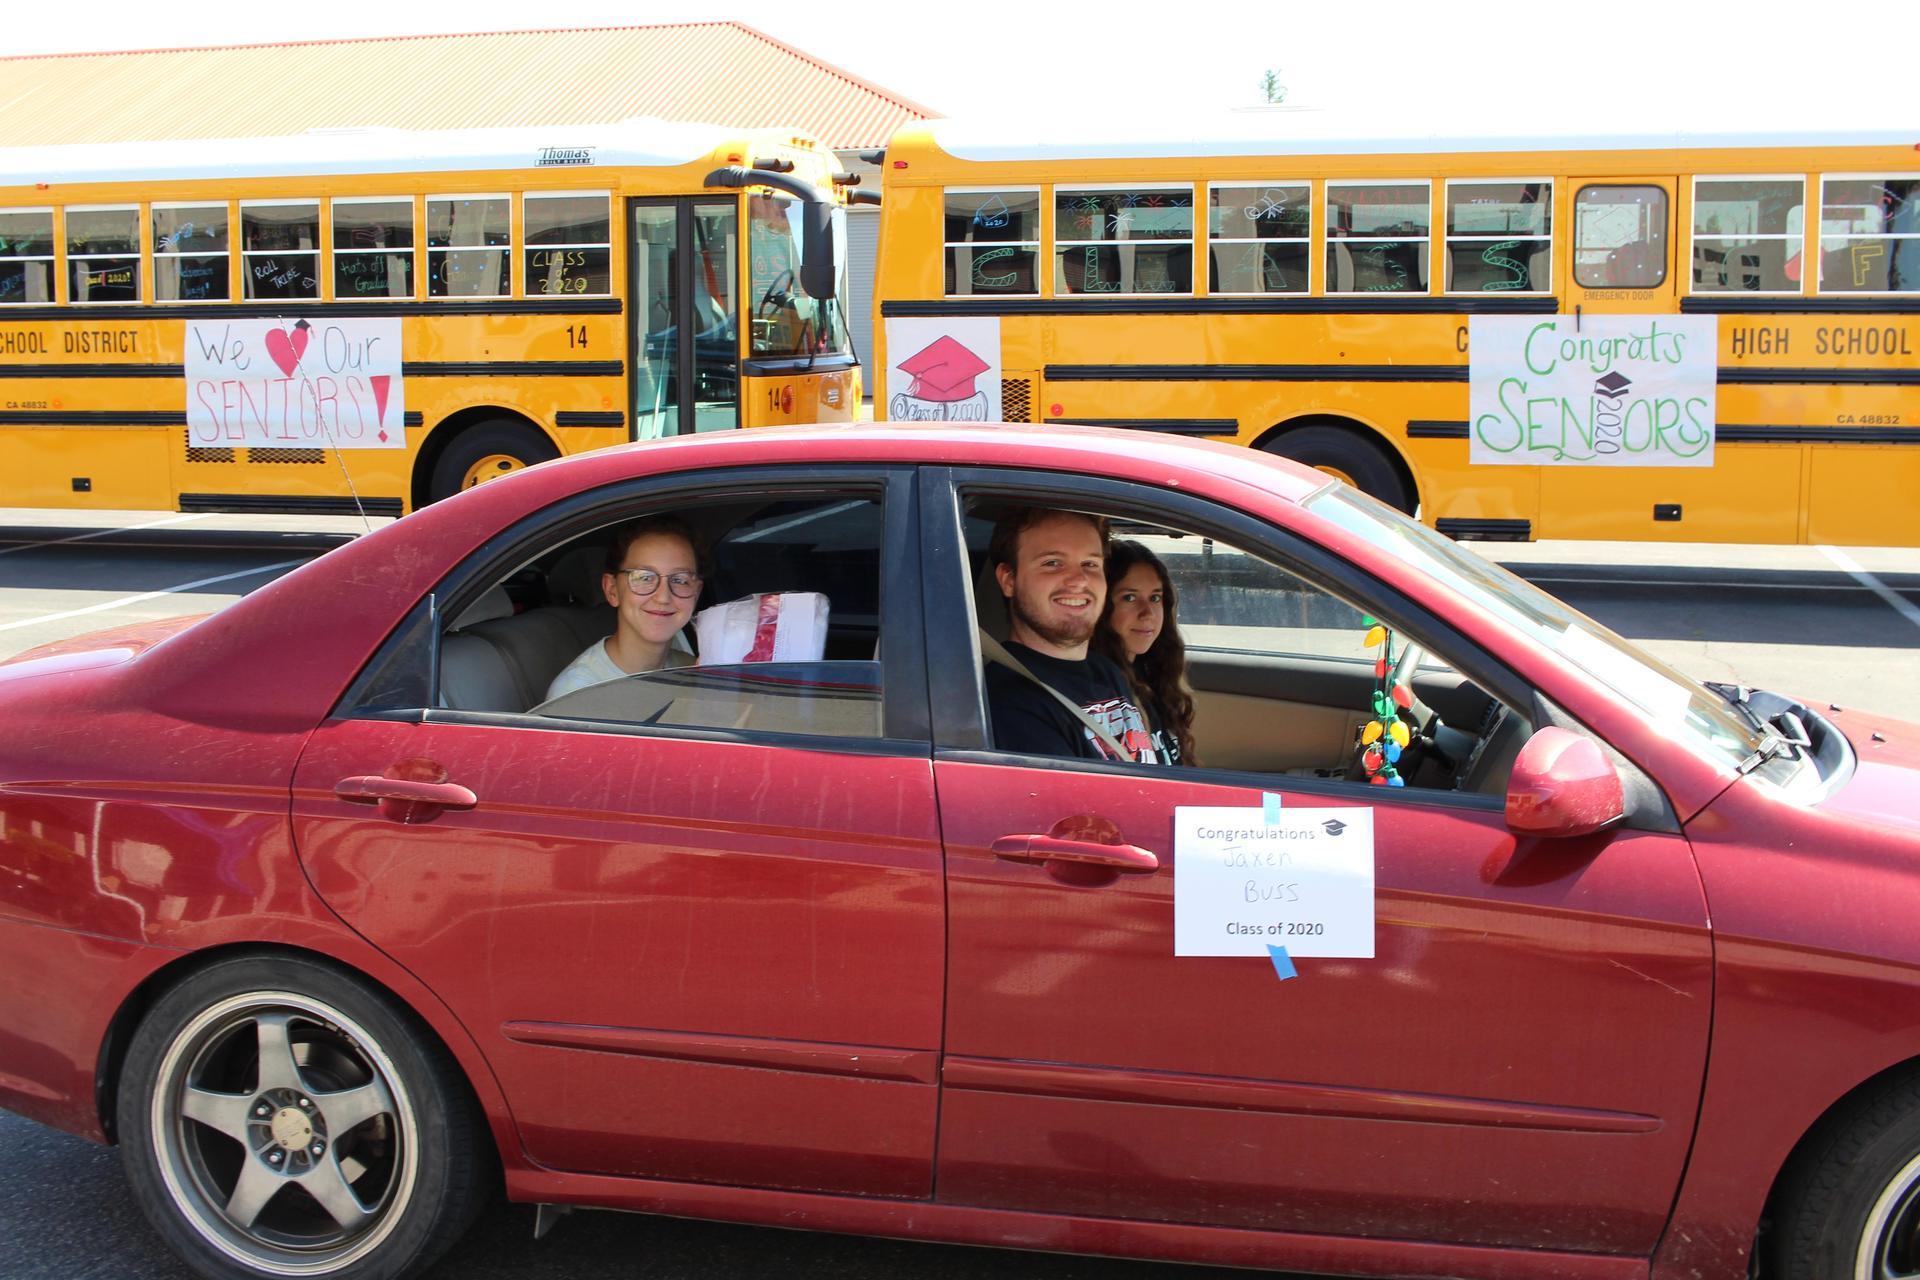 Lauren Bass and Jaxen Buss riding through